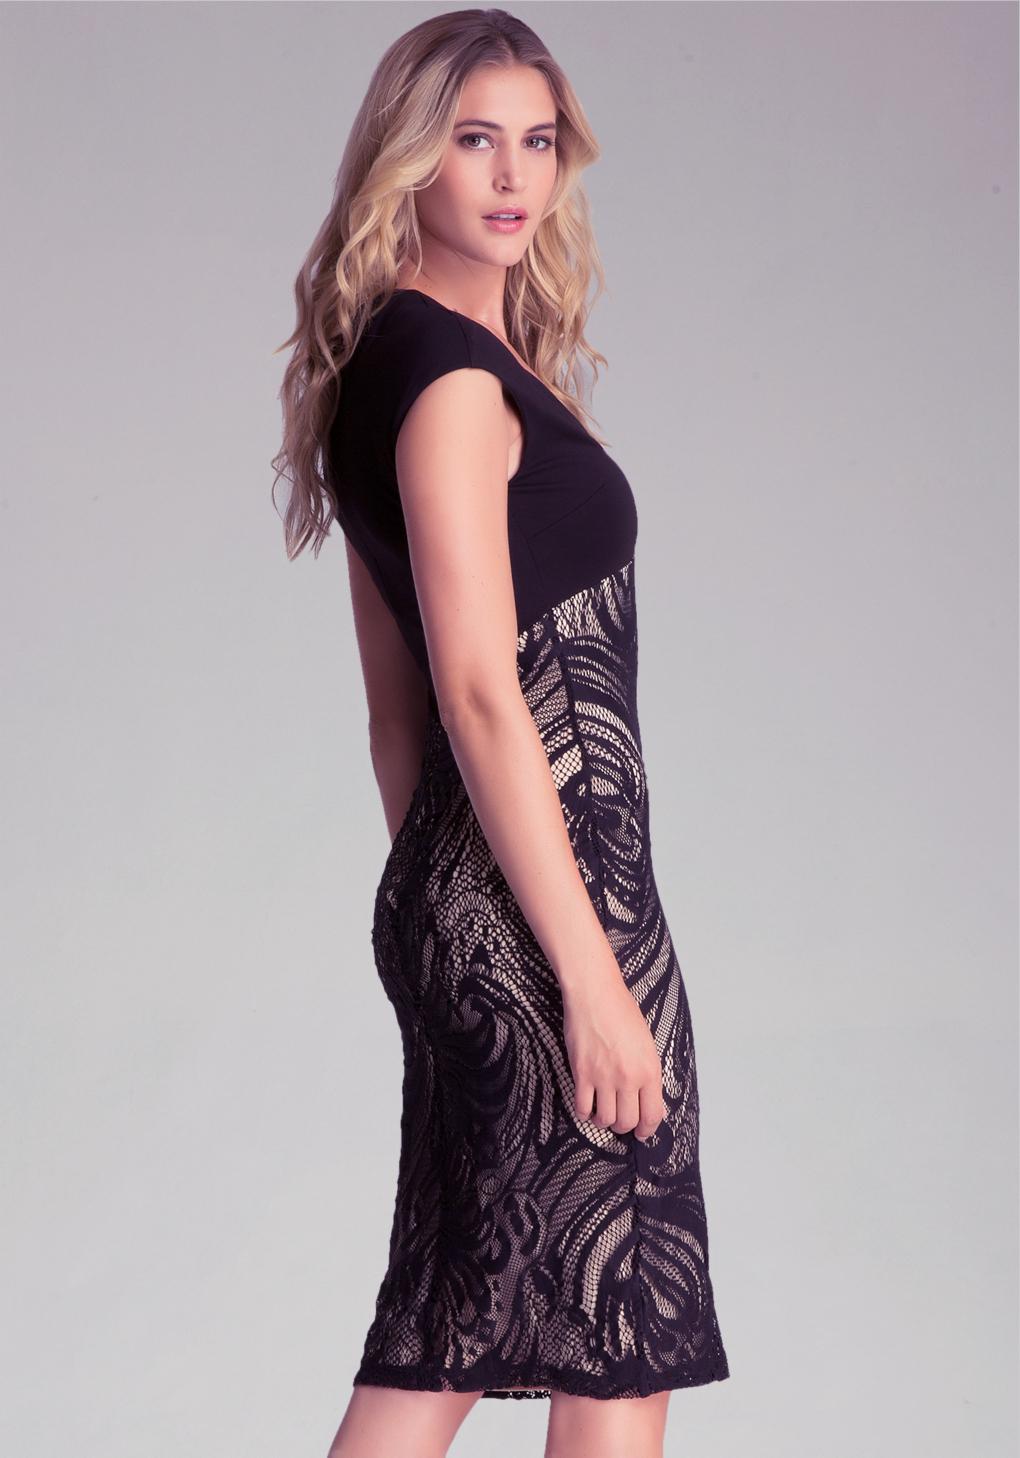 Bebe Dresses Flash Sale - Gallery